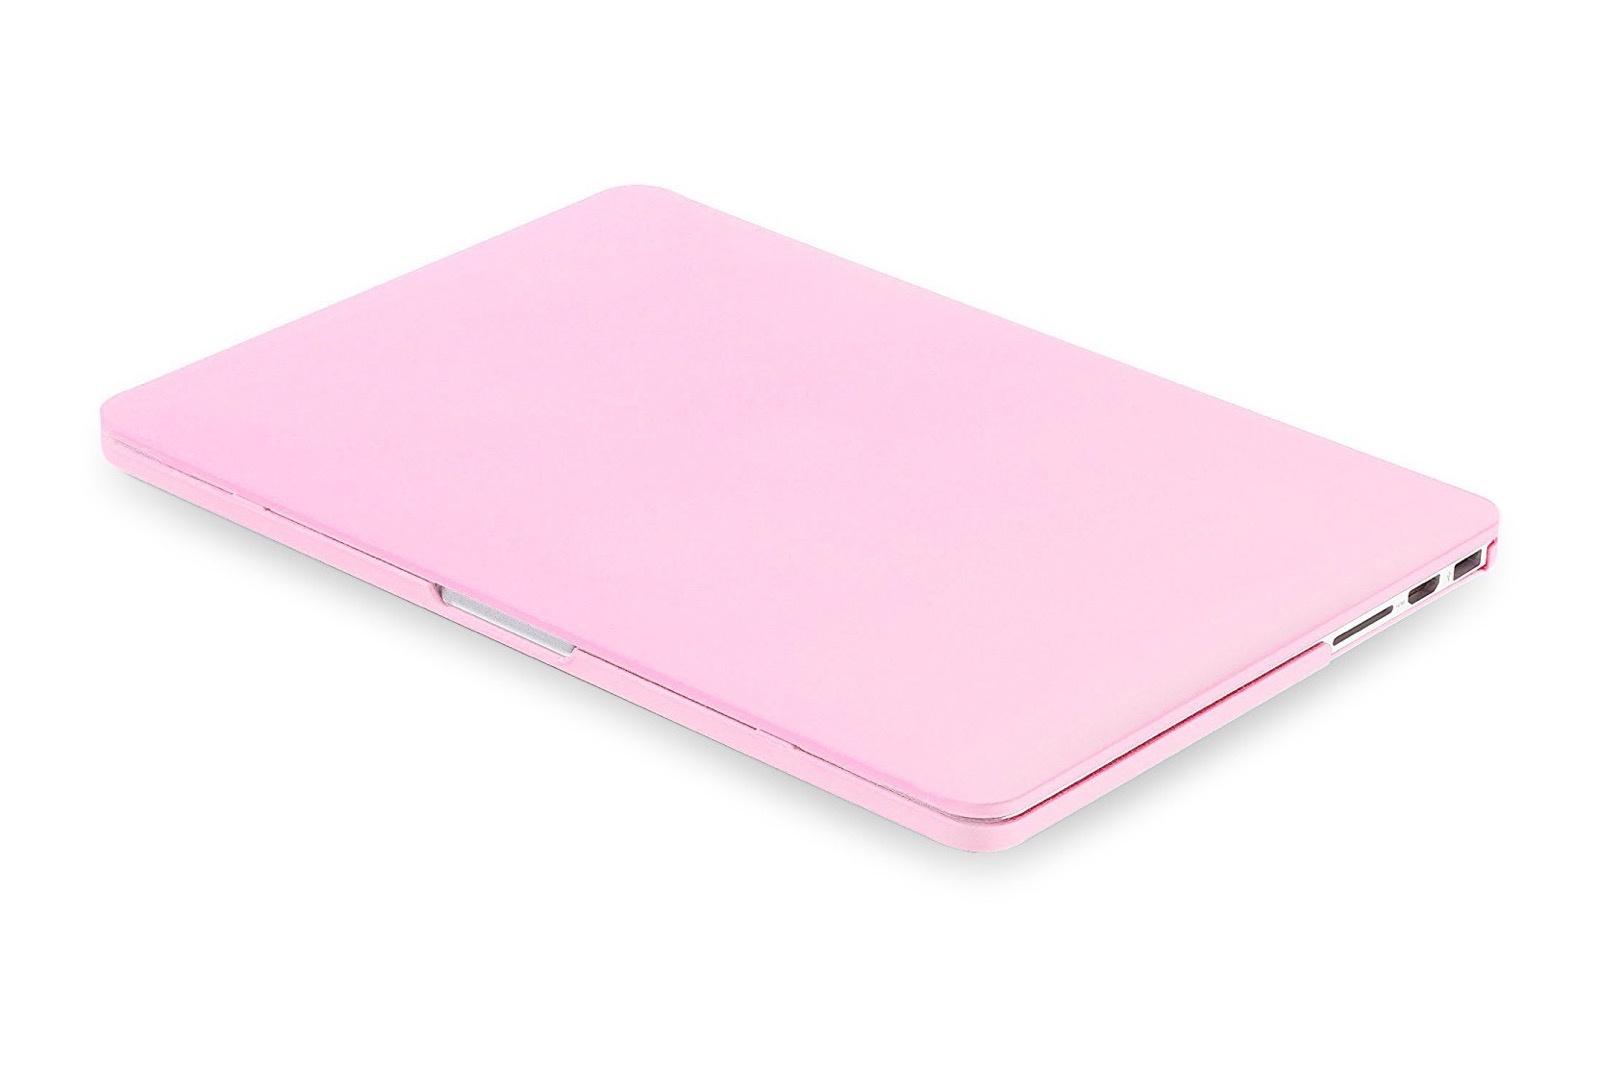 Чехол для ноутбука Gurdini накладка пластик матовый 903046 для Apple MacBook Retina 13